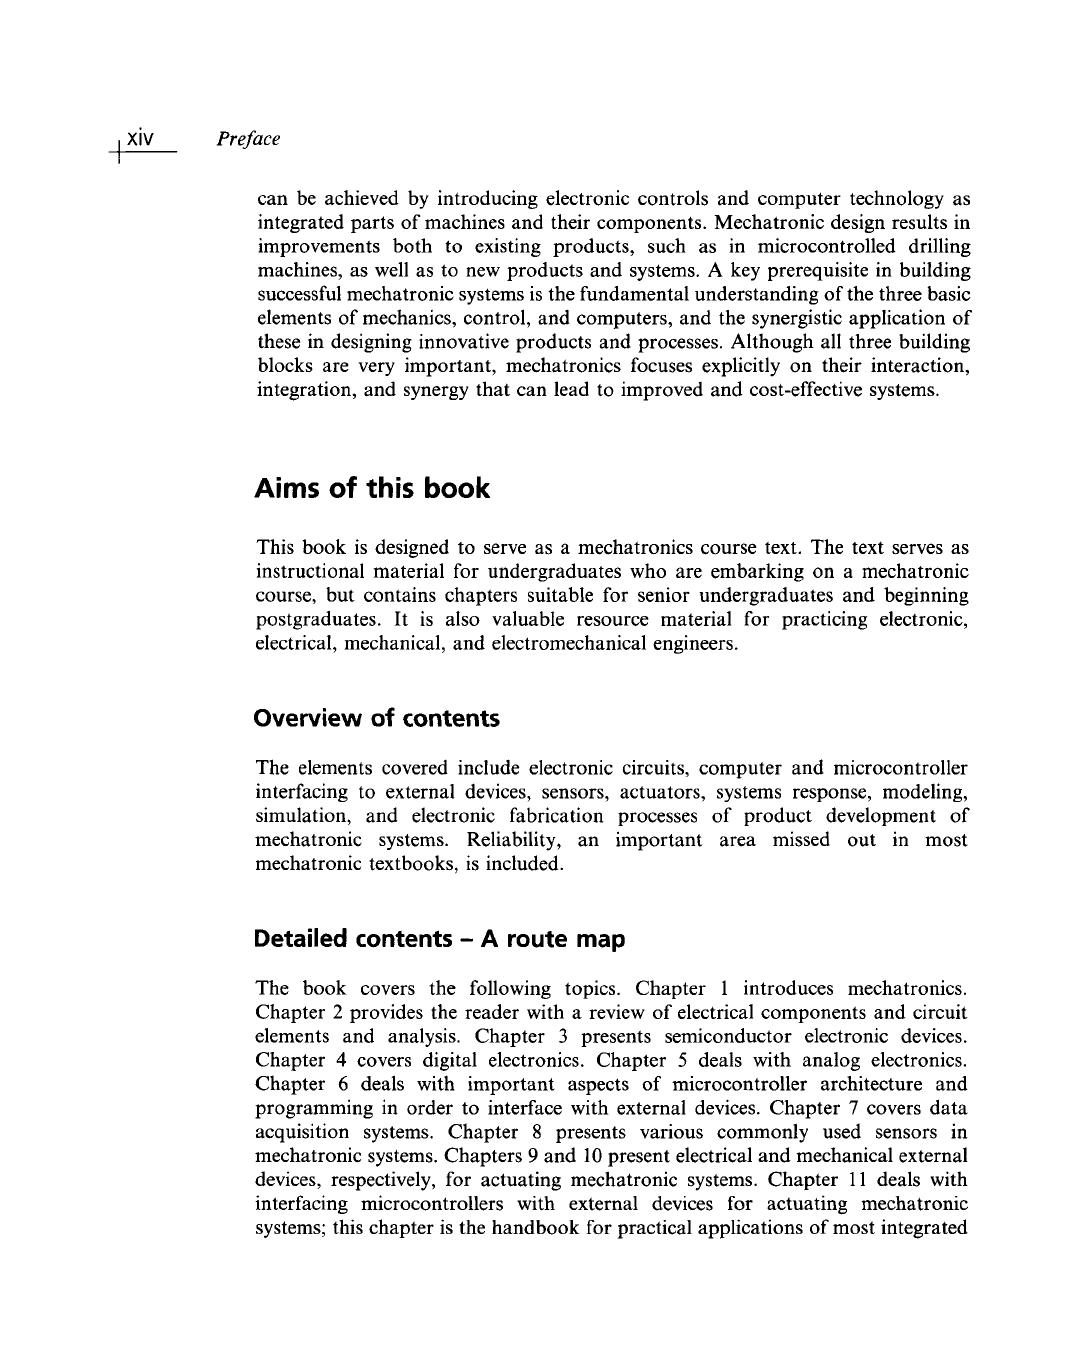 But Portes Les Valence Nouveau Mechatronics Principles and Applications Of 31 Luxe but Portes Les Valence